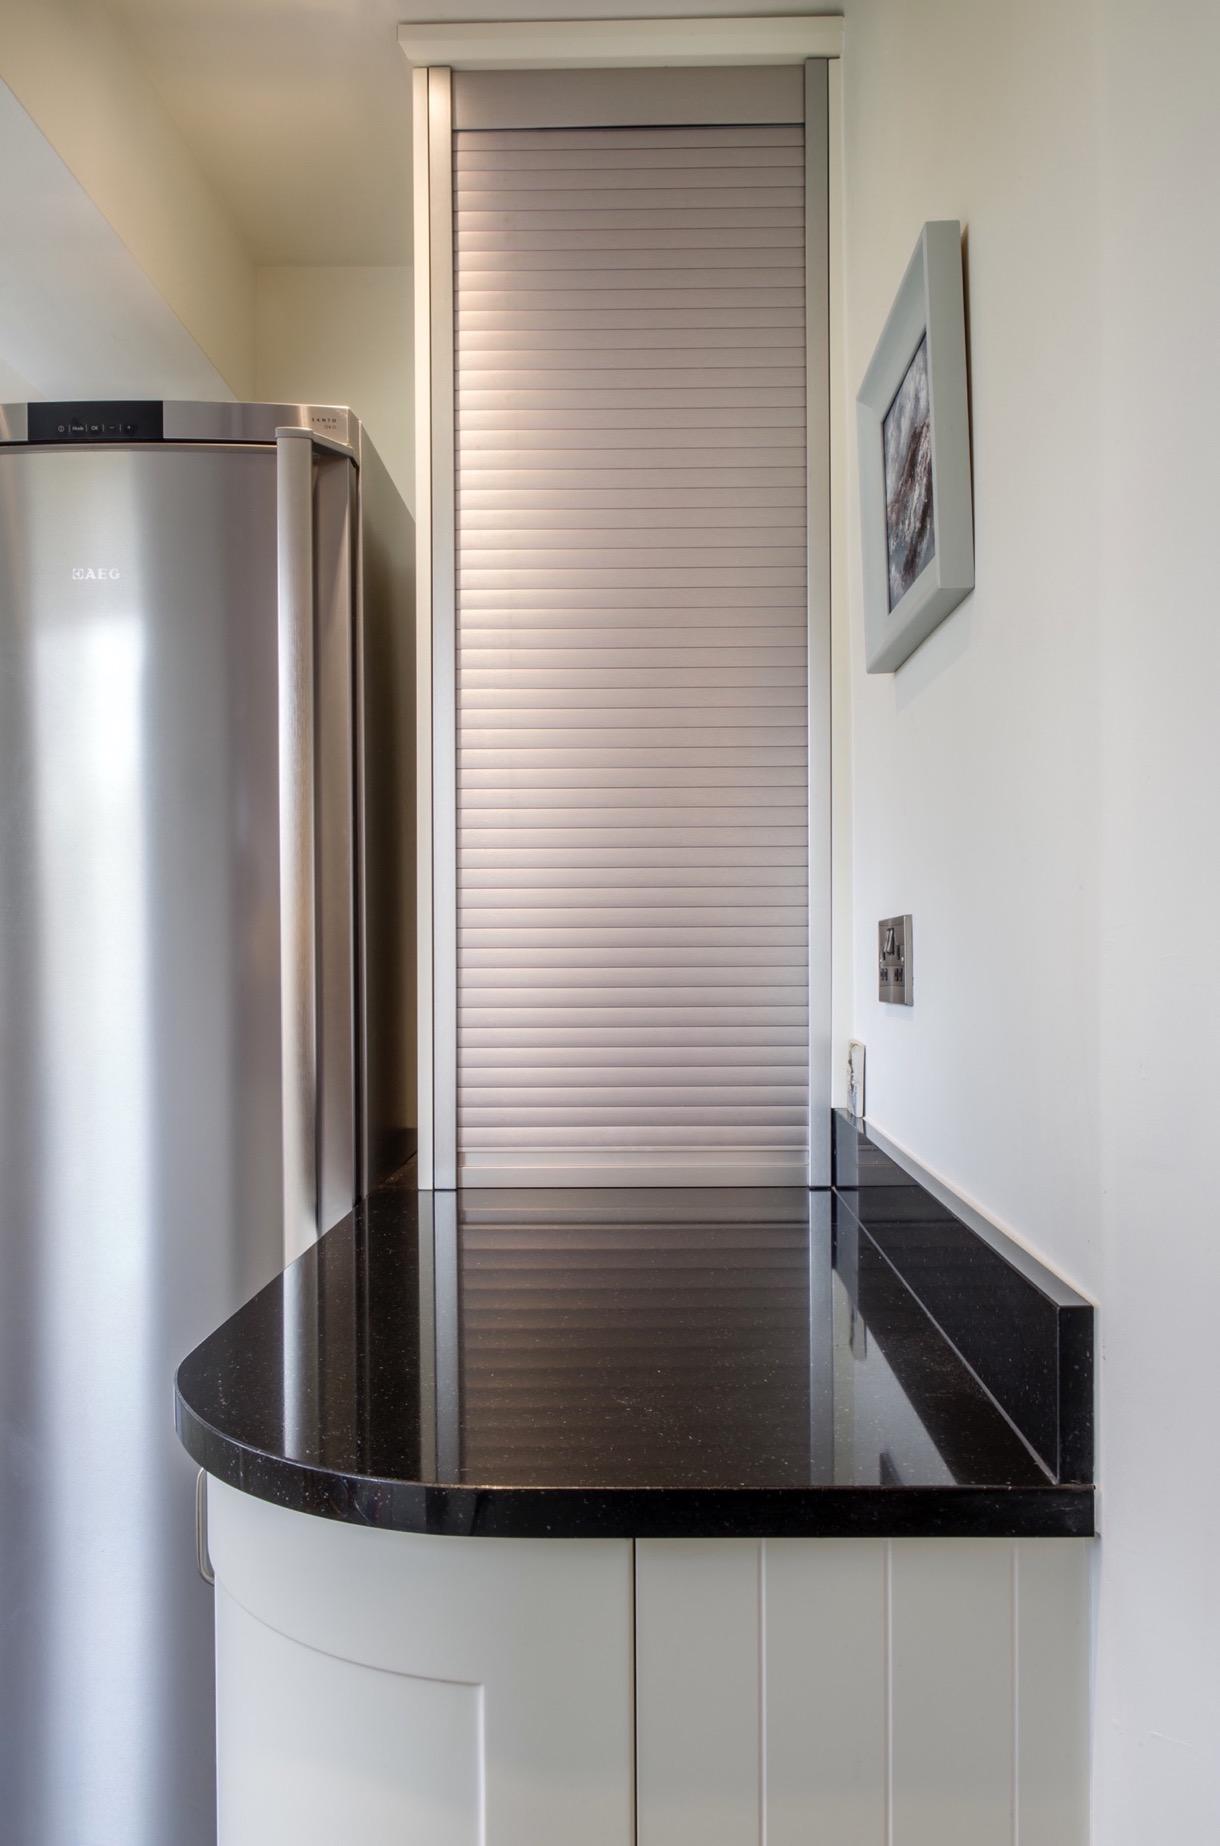 Stainless steel tambour door appliance storage long crendon buckinghamshire 2 2